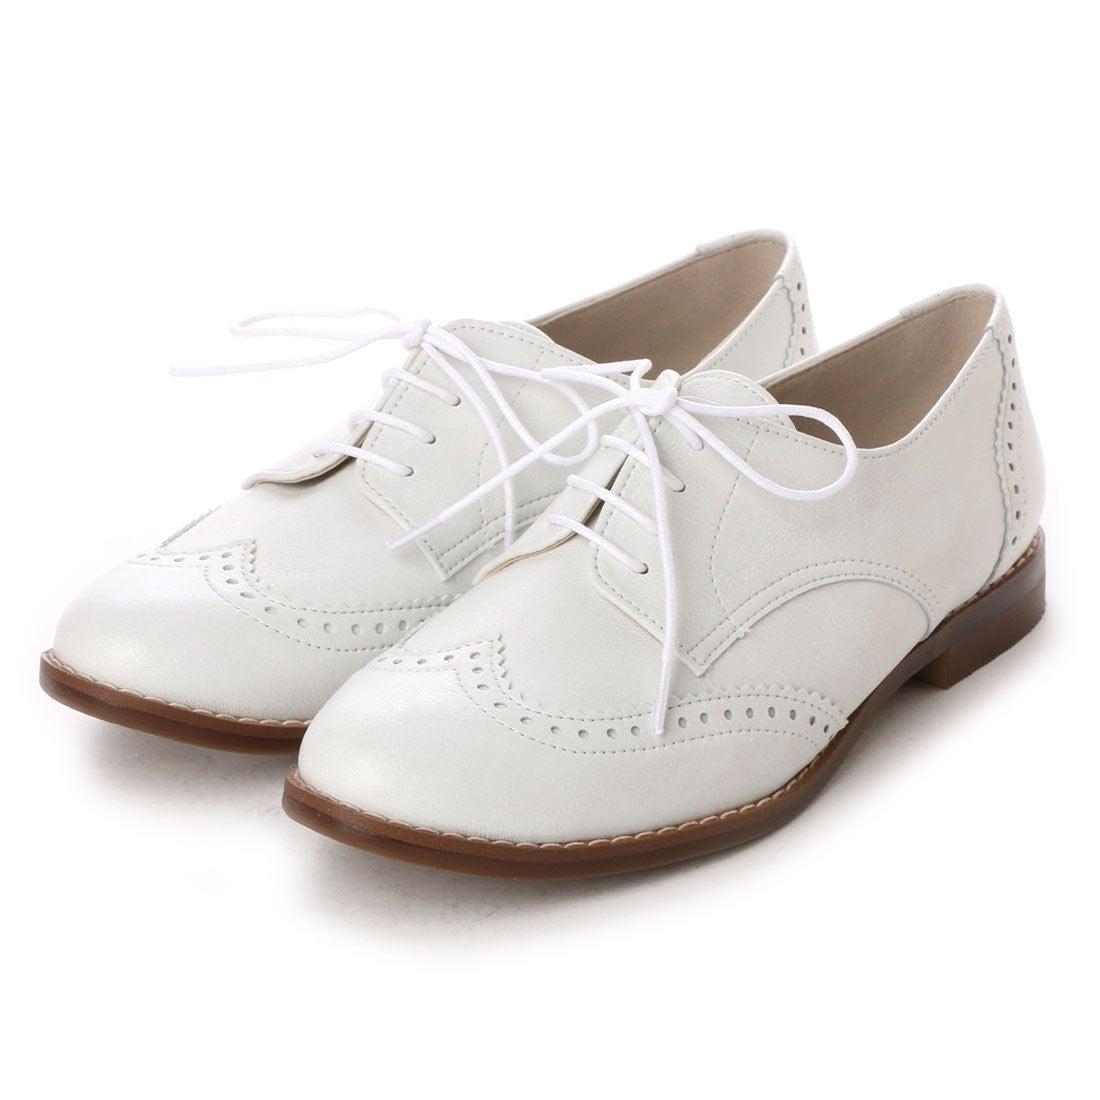 ロコンド 靴とファッションの通販サイトバニティービューティーvanitybeautyウィングチップフラットシューズ(ホワイト)